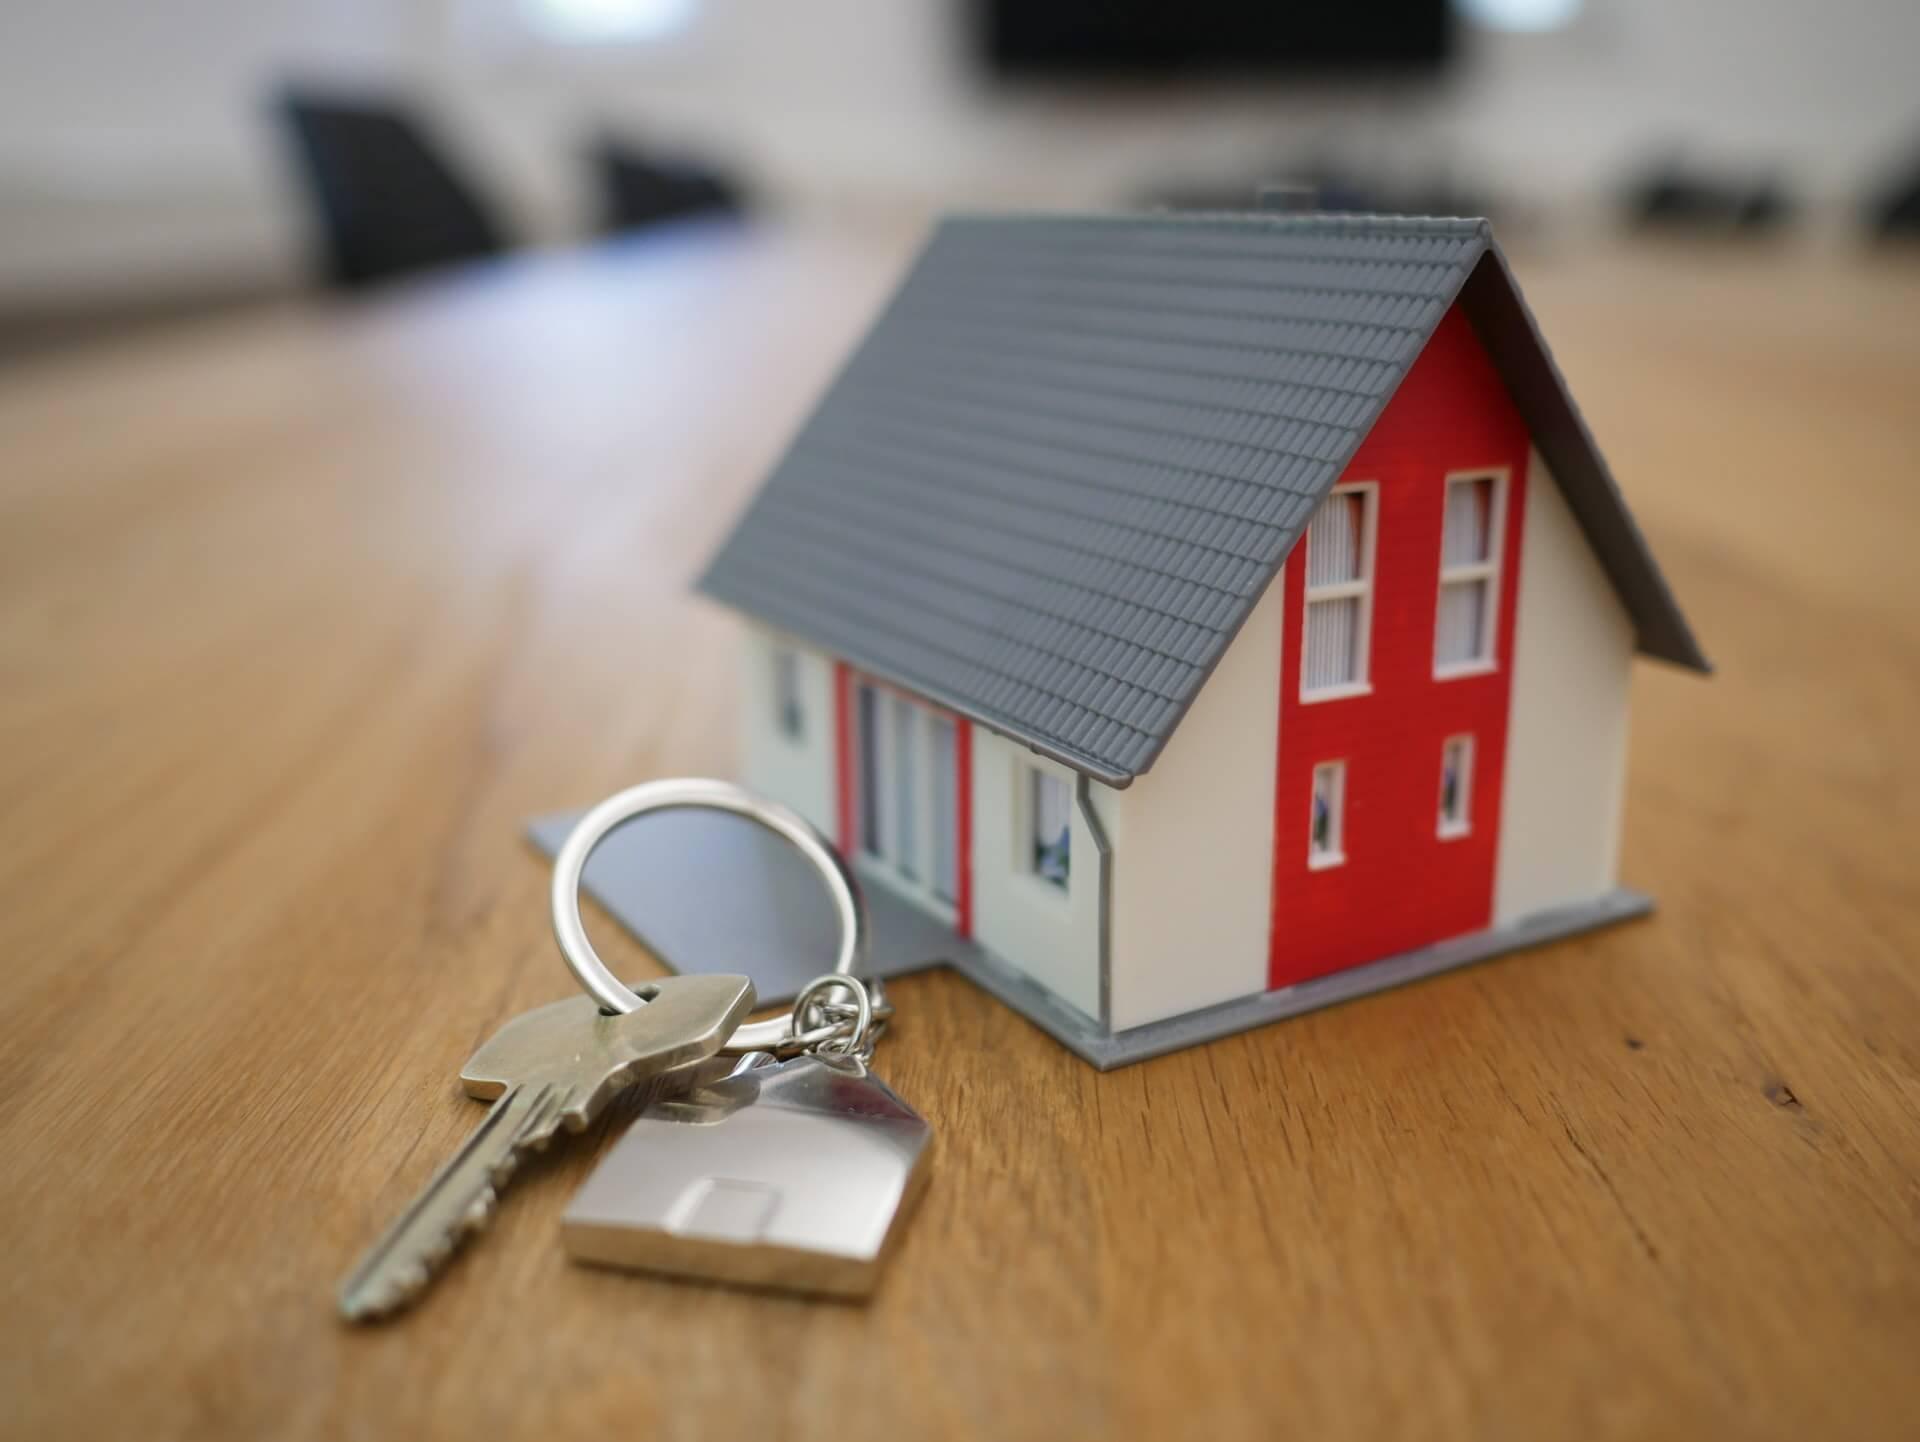 tiny home and keys